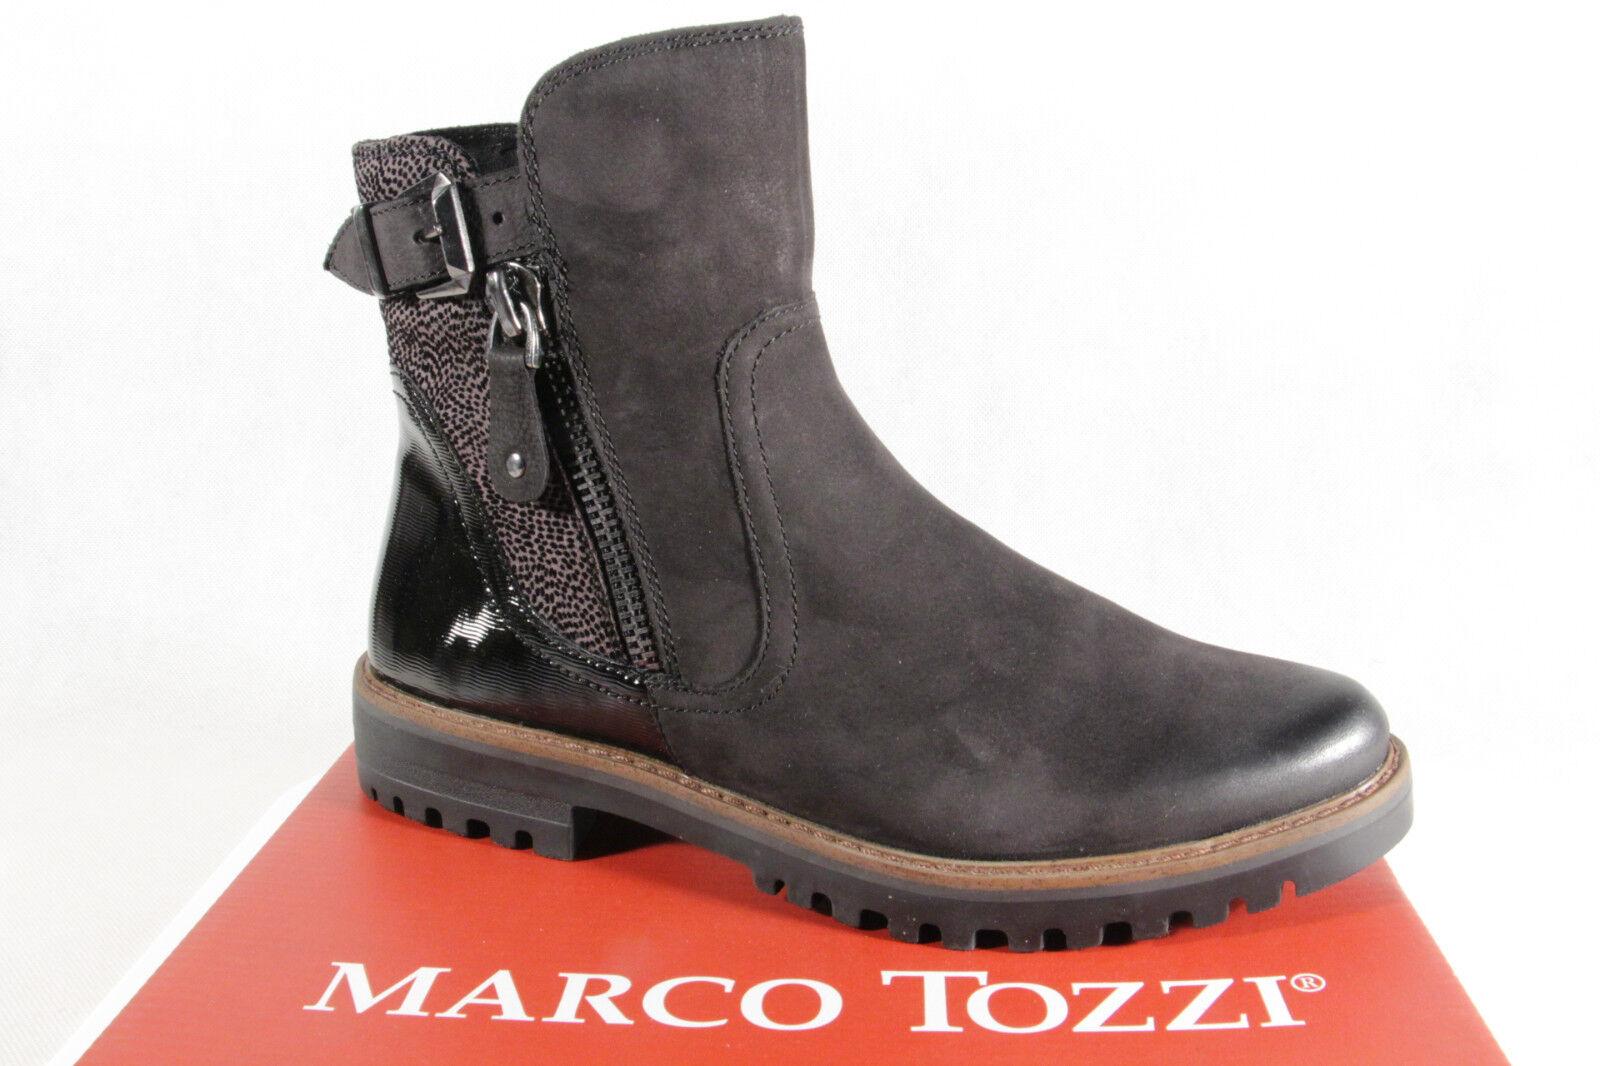 Marco Tozzi Stiefelette Stiefel, schwarz, Leder 25450 NEU